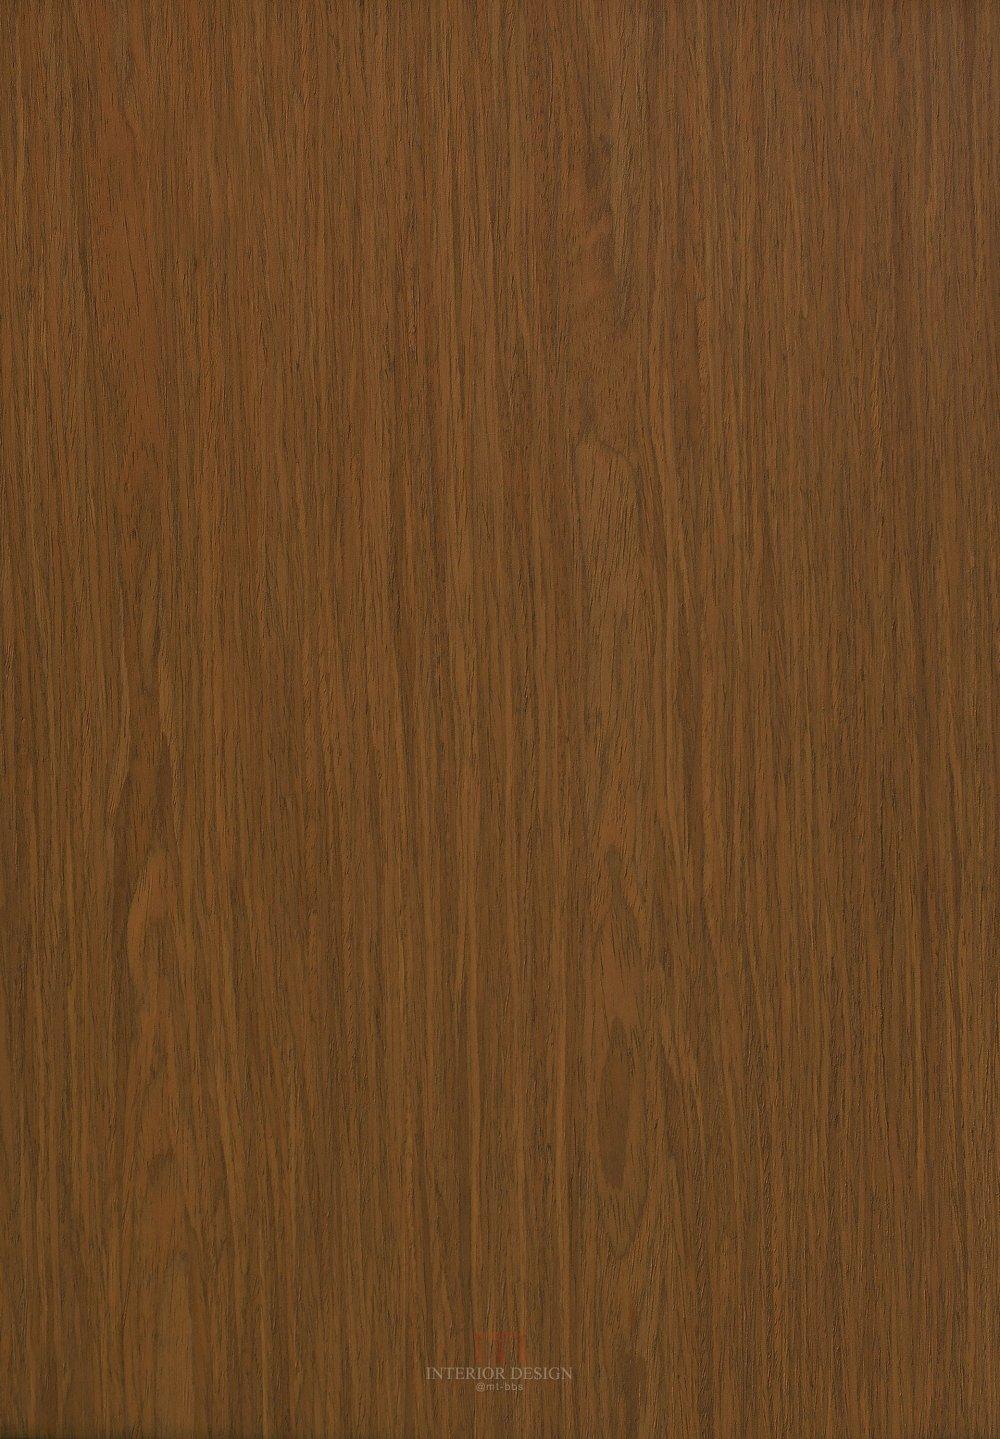 人造木纹_K6212M_F0603.jpg